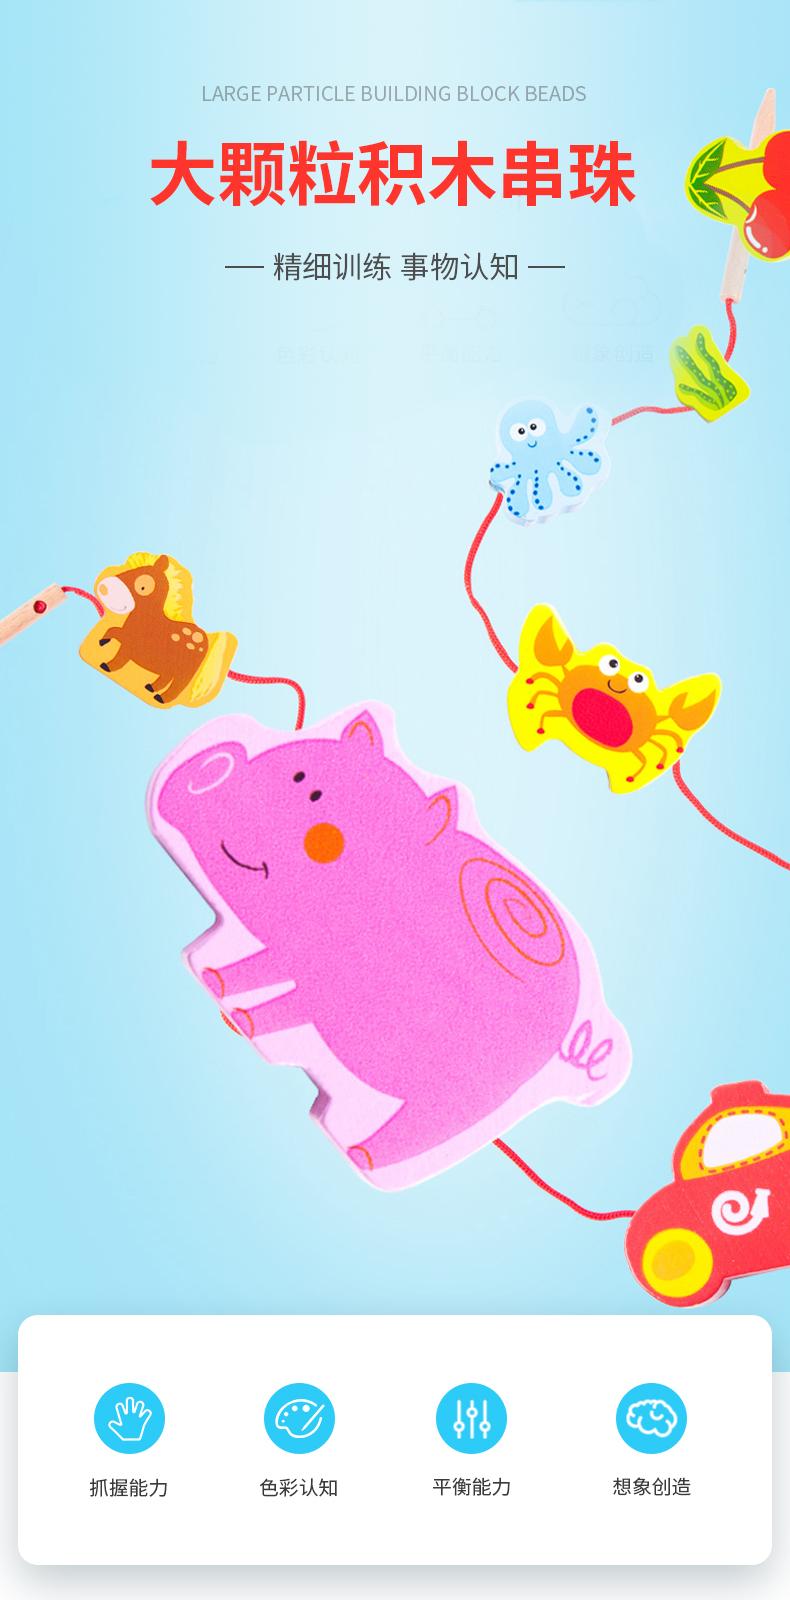 可来赛益智串珠儿童玩具幼儿穿珠子岁男女宝宝积木製穿绳早教详细照片